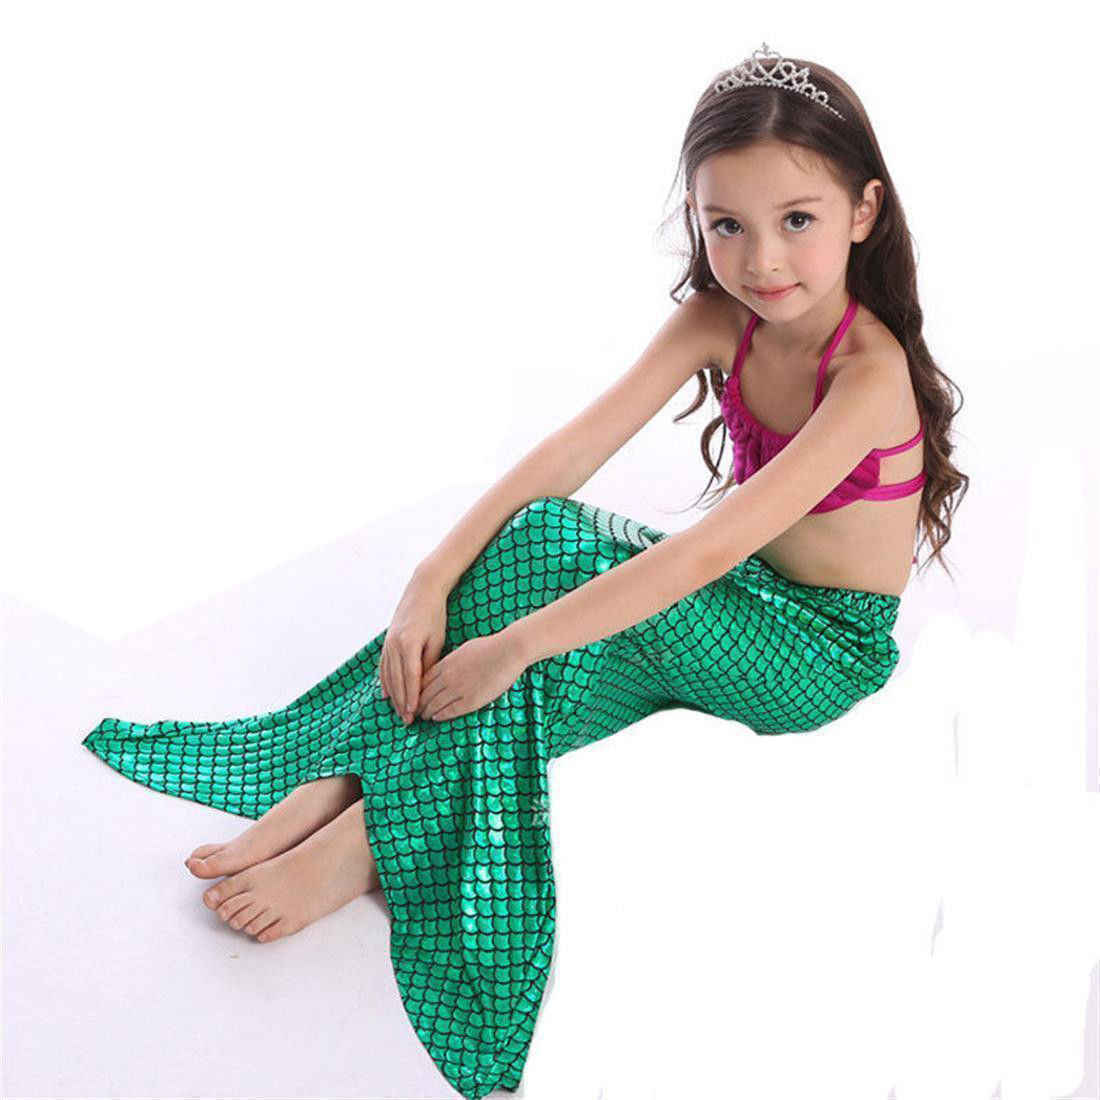 Купальный костюм для девочек, 3 предмета, комплект бикини, детский купальник с хвостом русалки, женский купальник-бикини, купальный костюм, необычный костюм